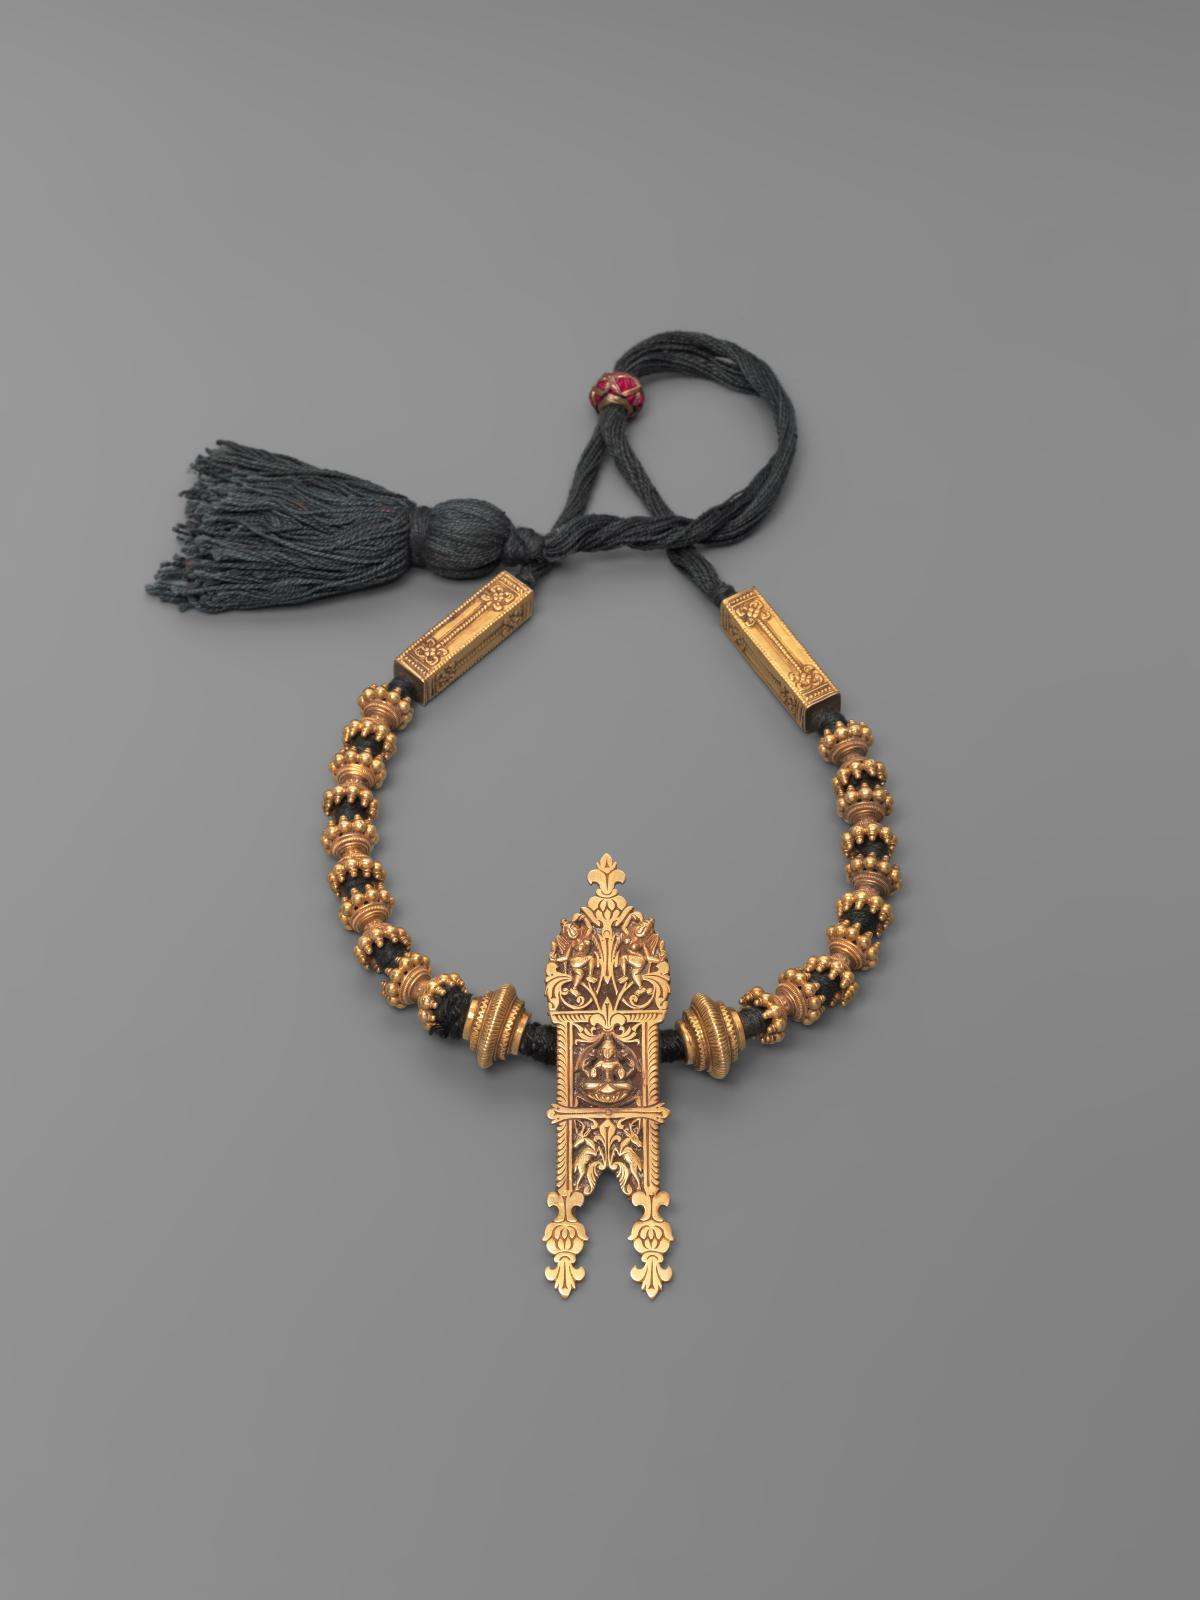 Collier avec pendentif thali, Inde, Tamil Nadu, or et coton, XIXe-XXesiècle, h.19,5cm.